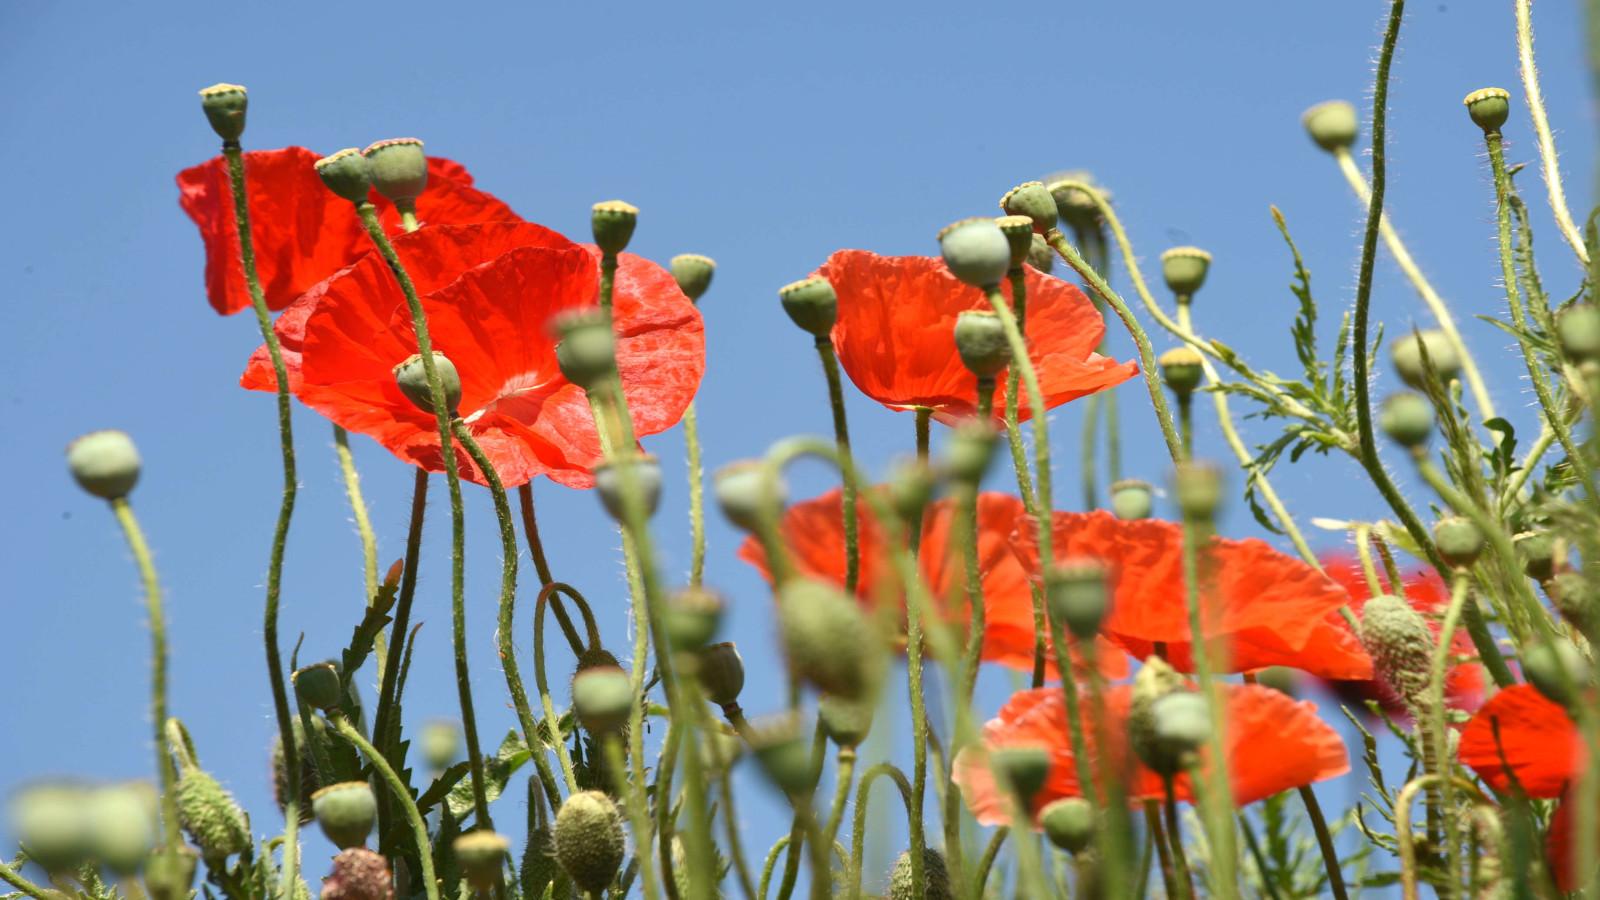 Les coquelicots donnent une touche de rouge dans les champs de mai à septembre.